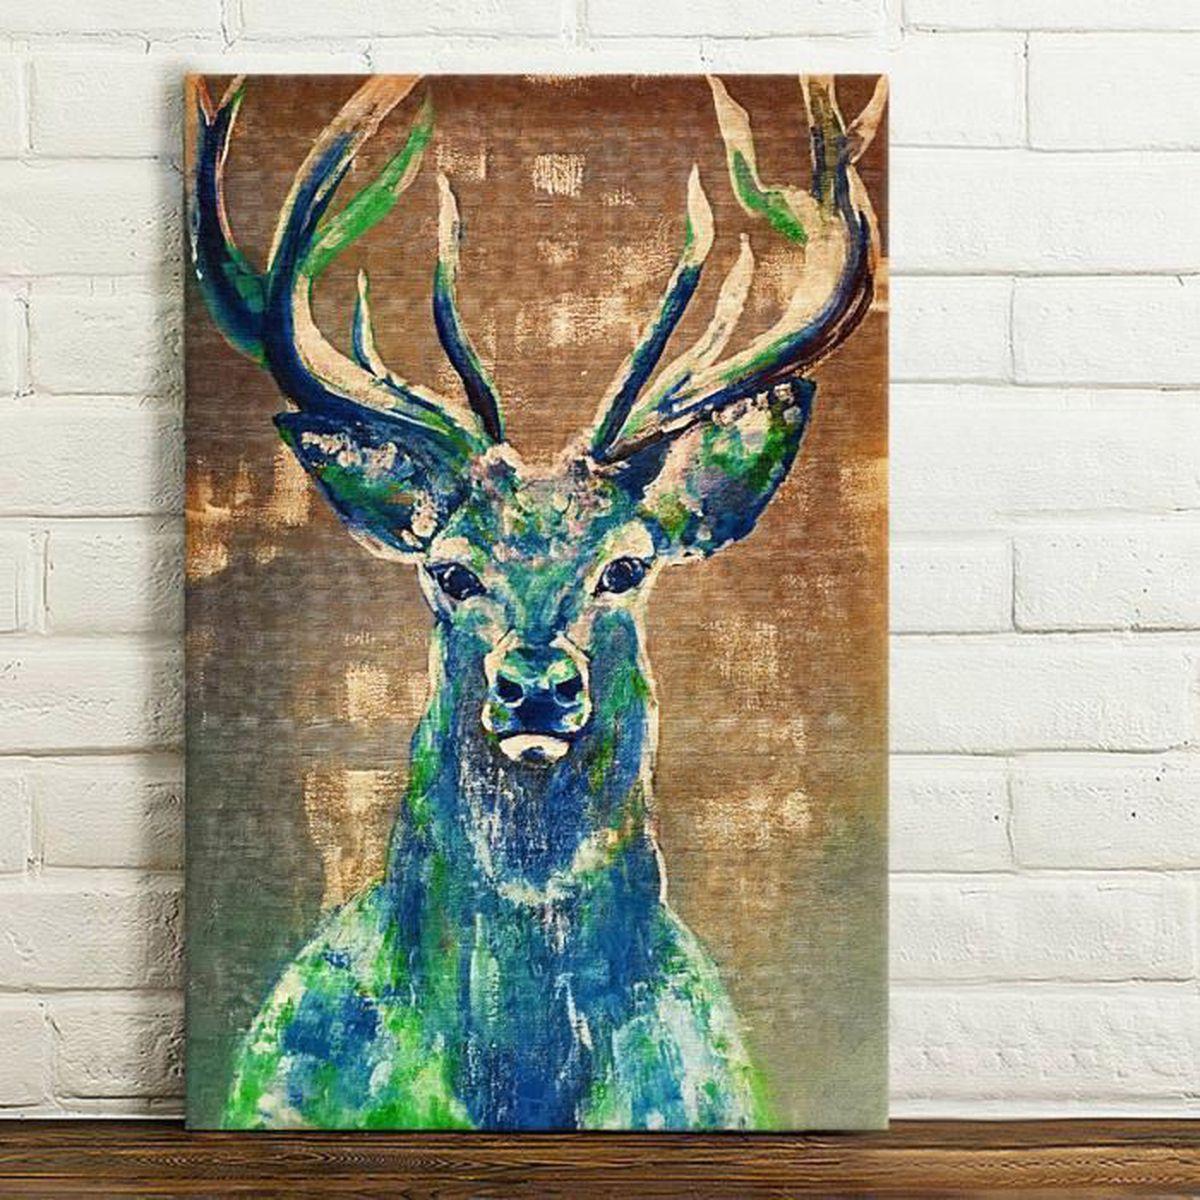 cerf l 39 huile peinture entoile maison d cor moderne abstraite art 40 60cm achat vente tableau. Black Bedroom Furniture Sets. Home Design Ideas